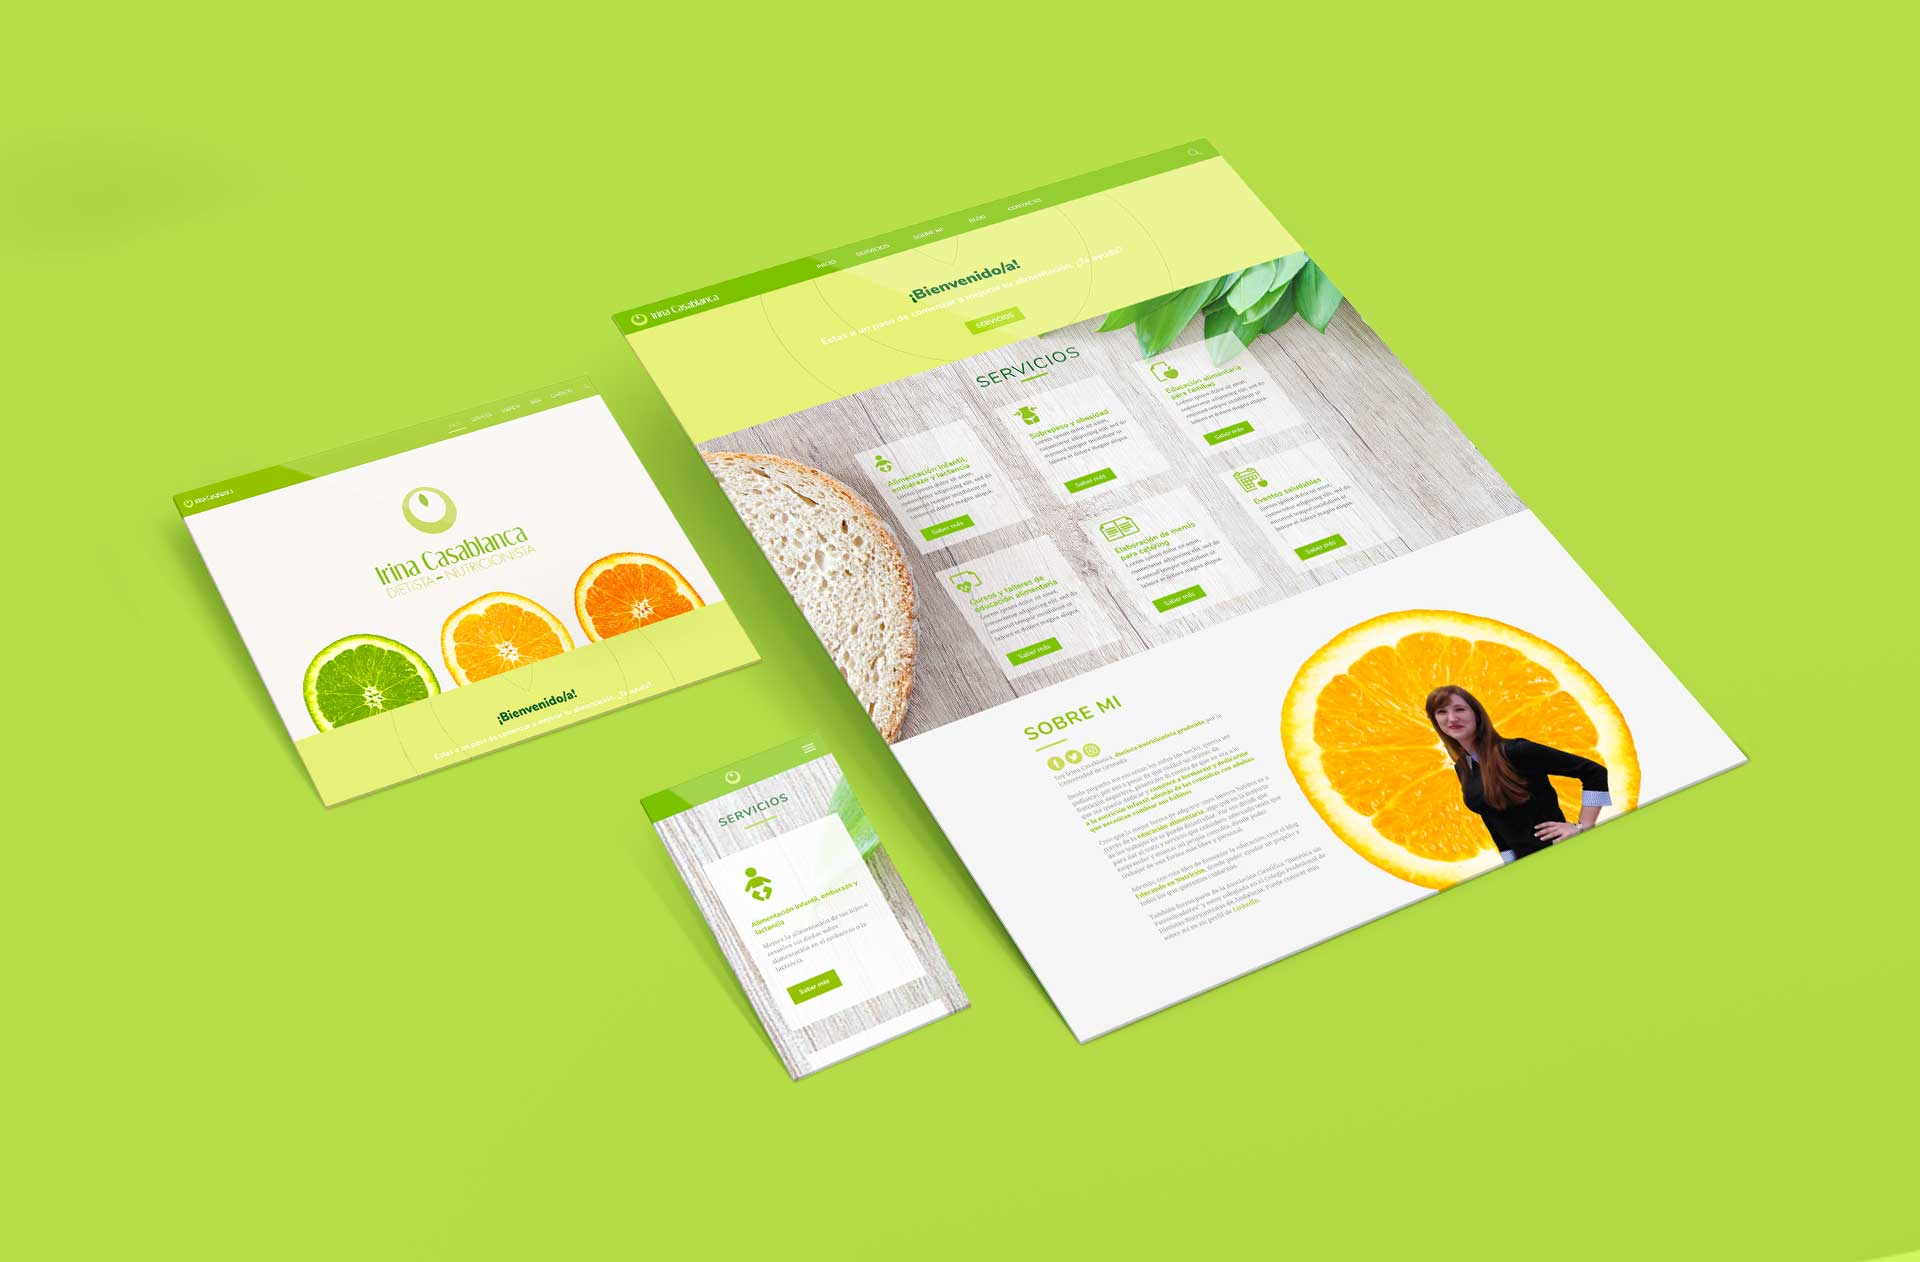 diseño-web-corporativa-irina-casablanca